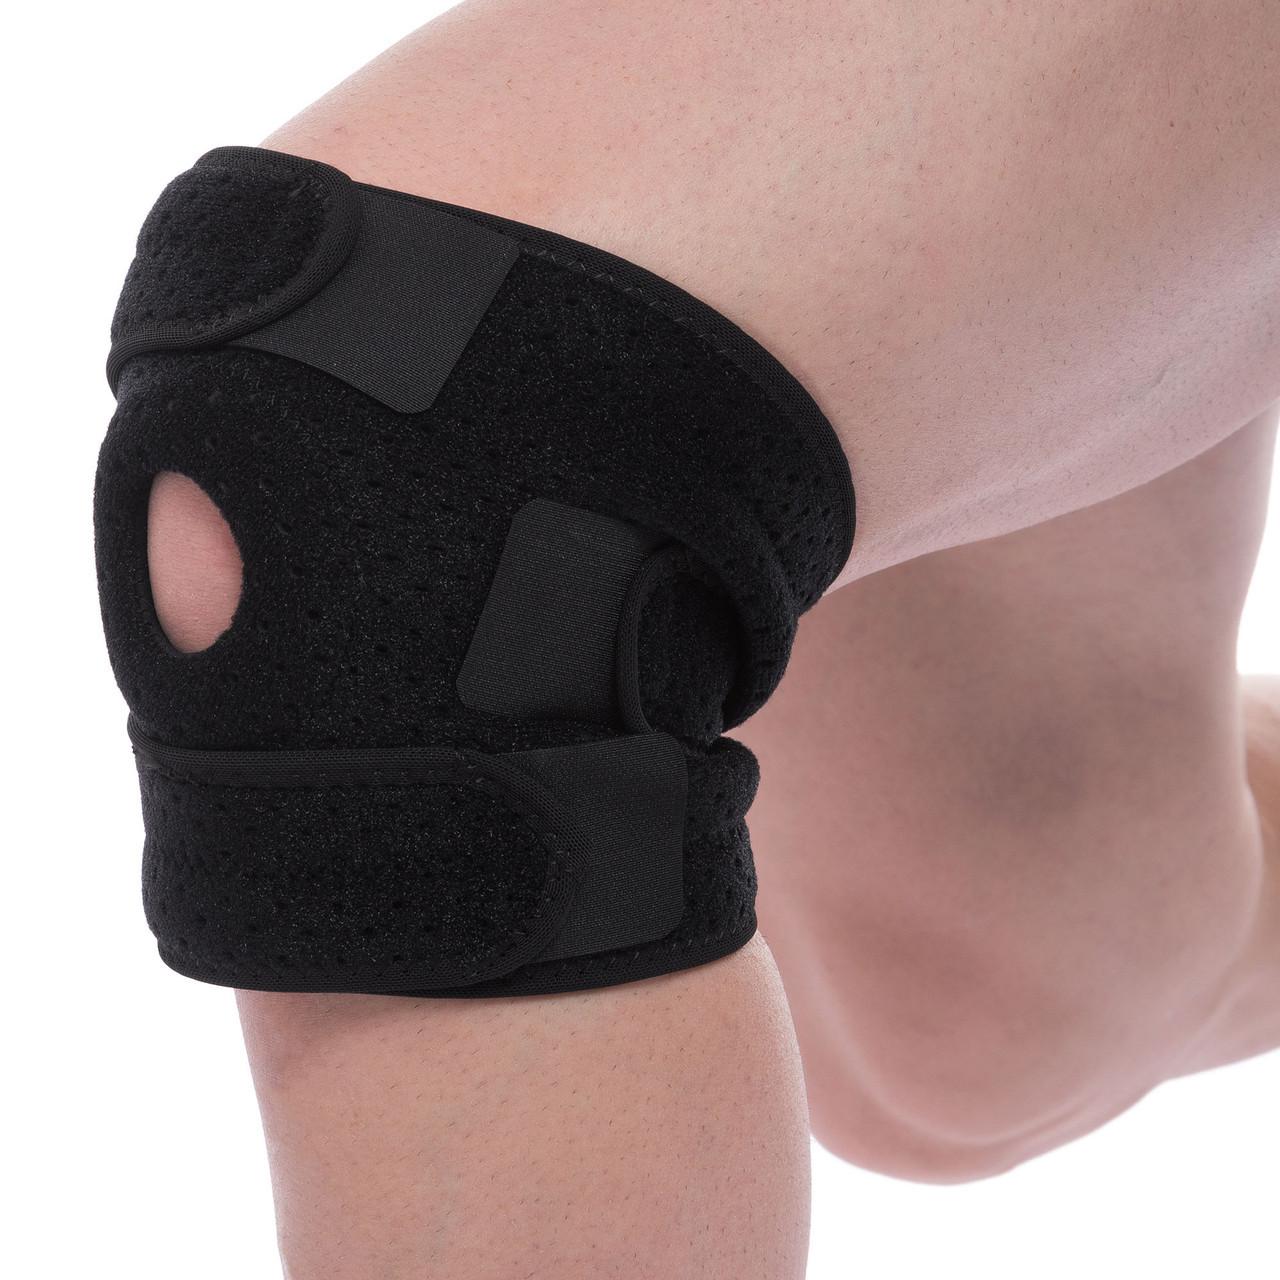 Наколенник (фиксатор коленного сустава) с открытой колен.чашечкой (1шт) MUTE 9050 (неопрен, р-р регулируемый,